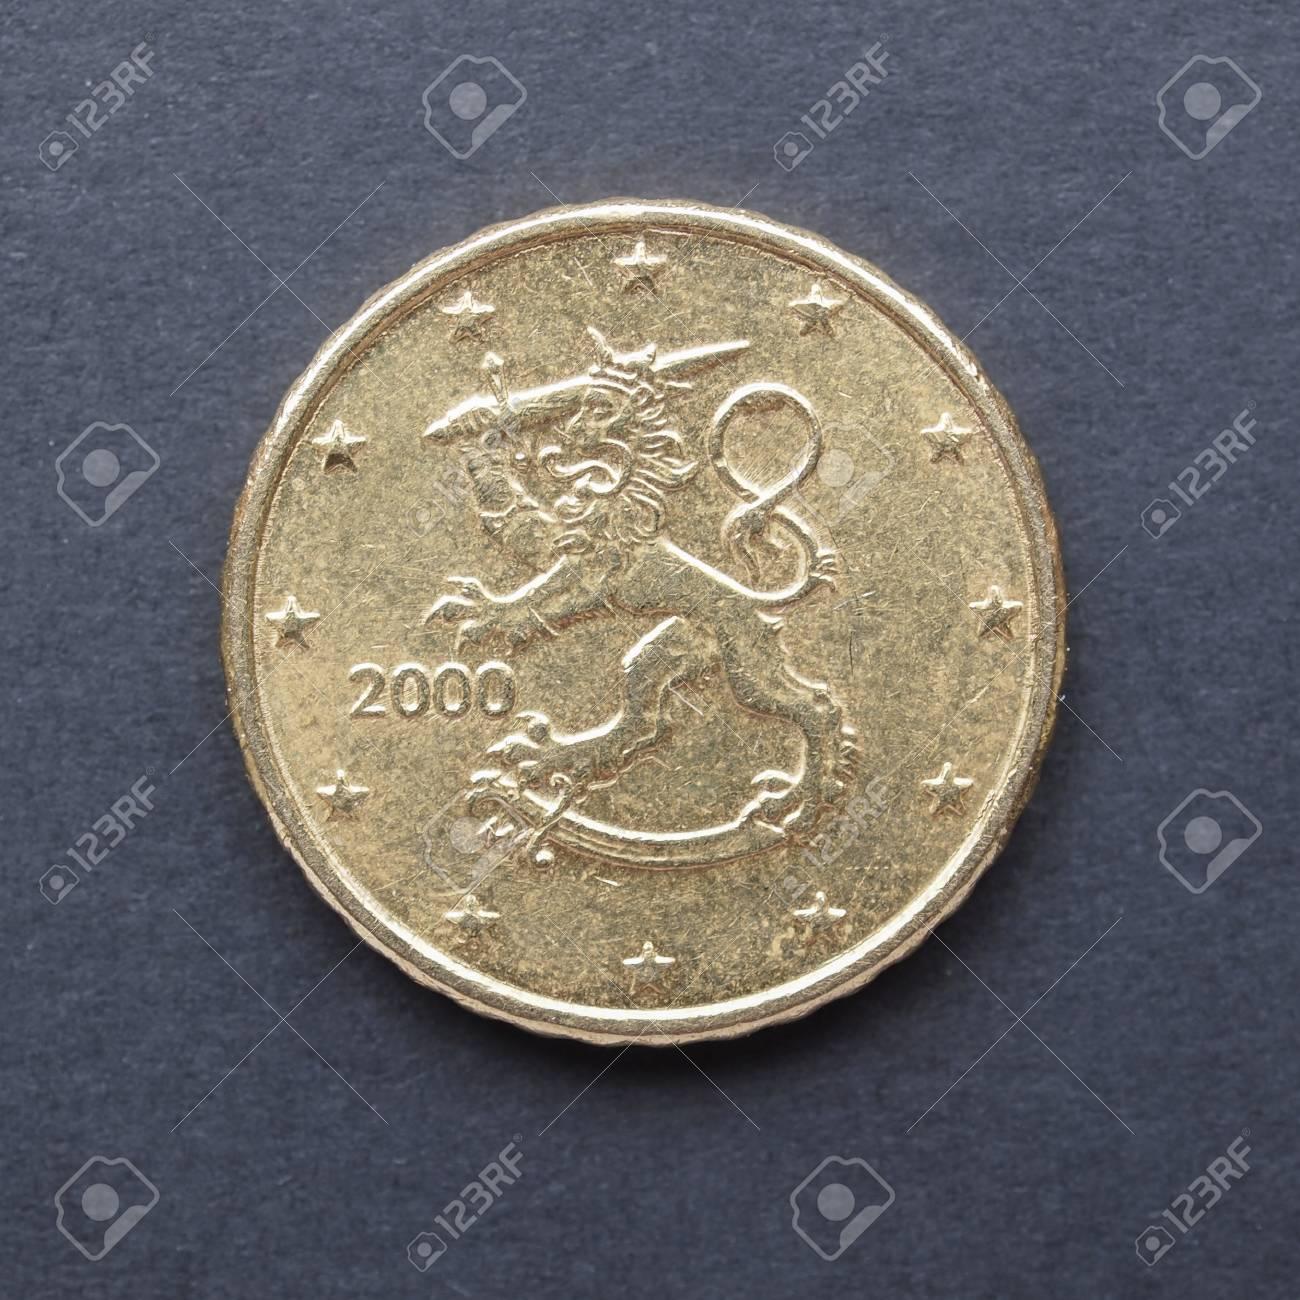 Währung Der Europäischen Union 50 Cent Münze Aus Finnland